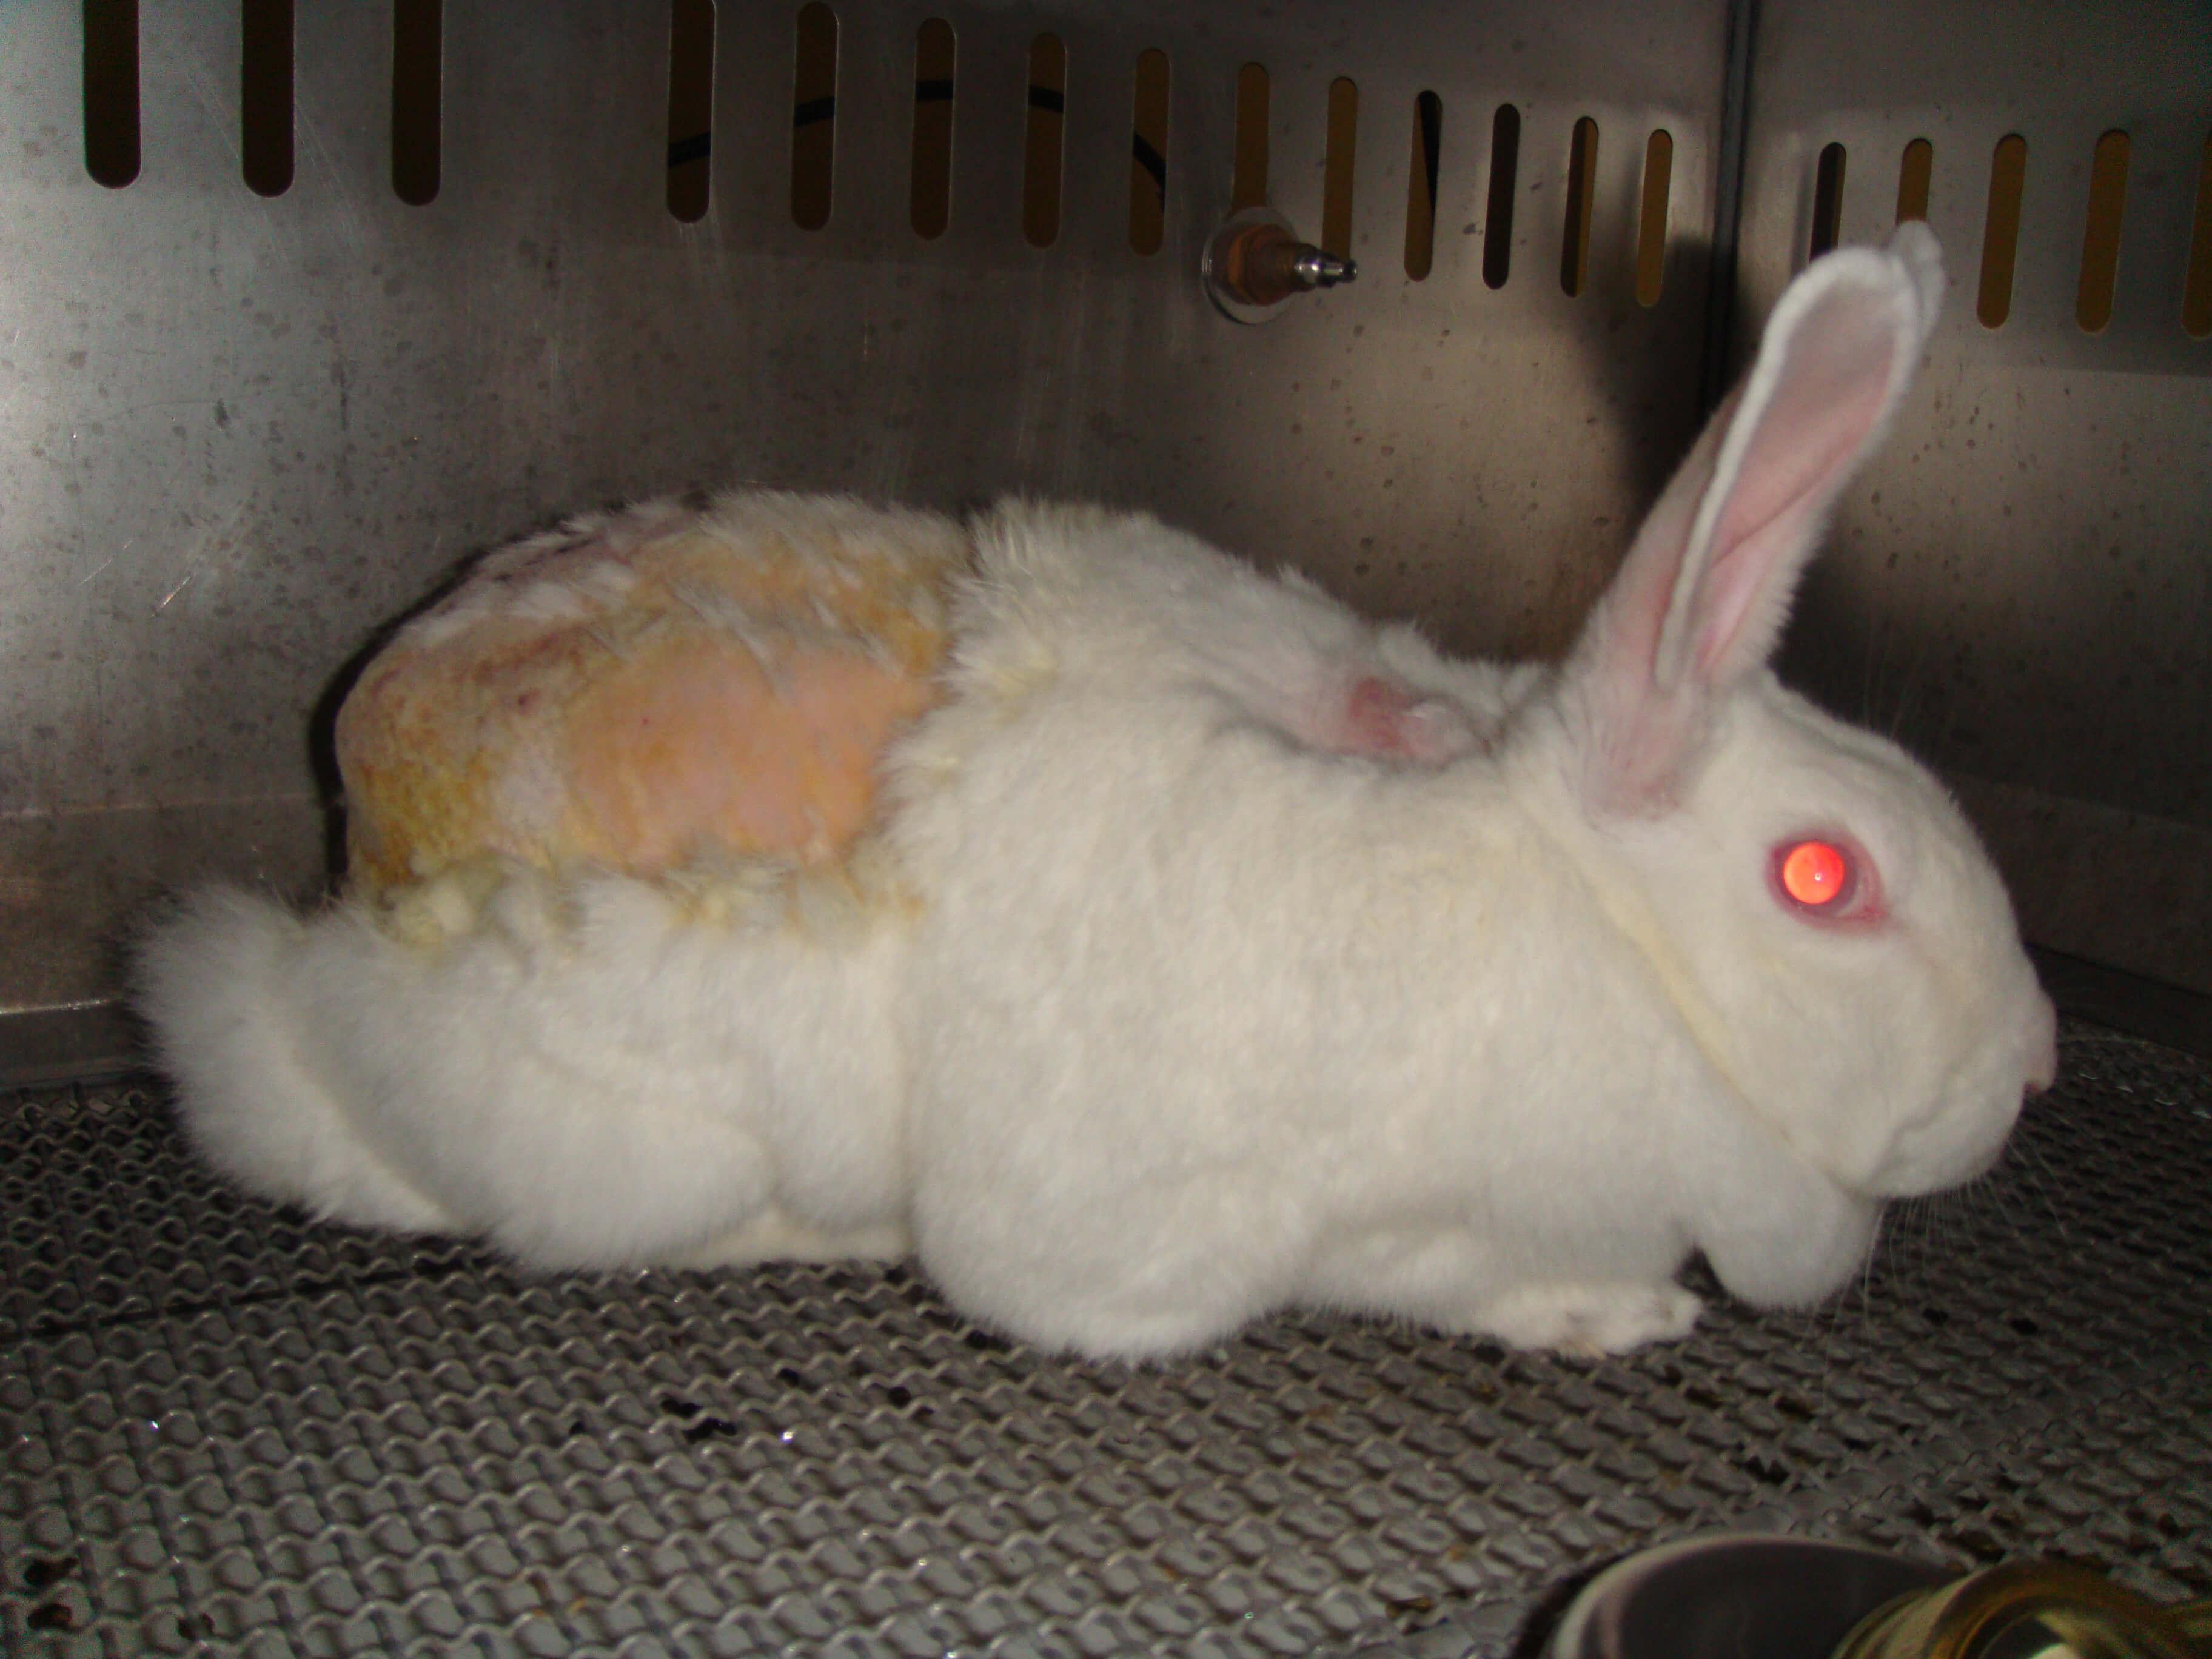 πιραματα σε ζώα καλλυντικα cruelty free